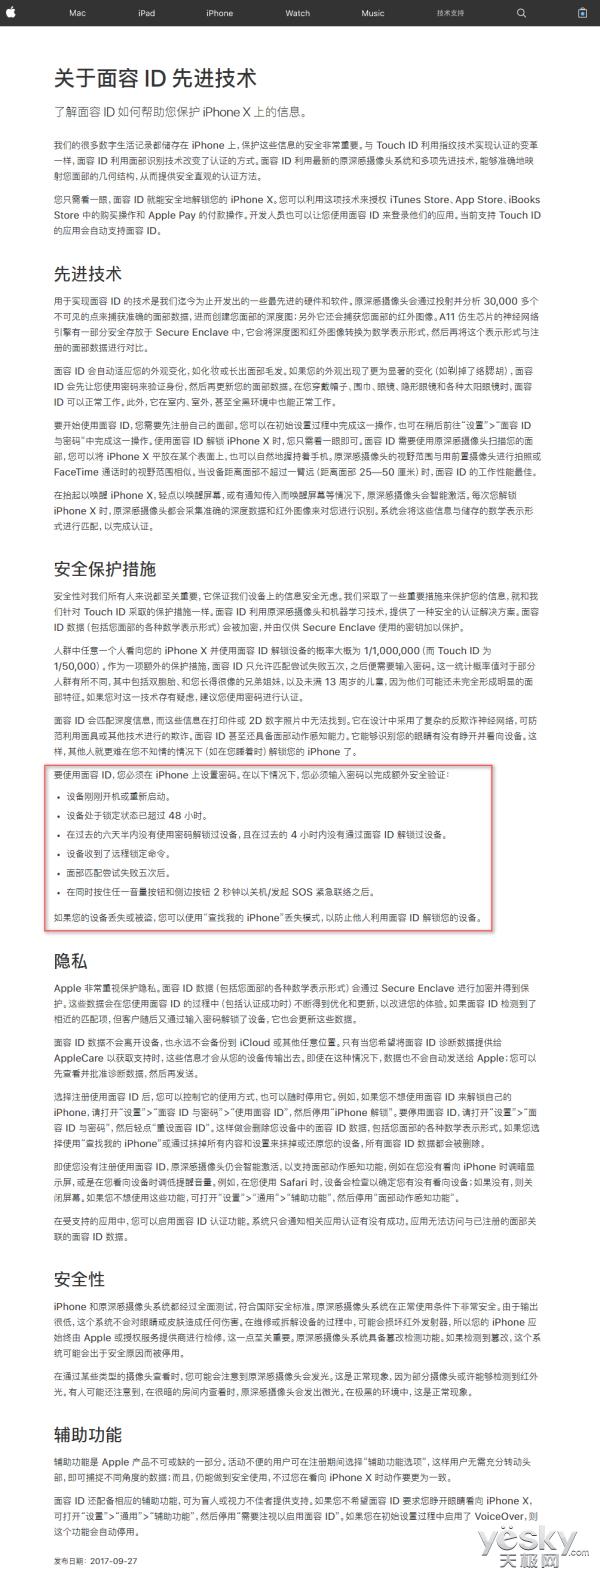 苹果Face ID白皮书:这些操作后需手动输密码